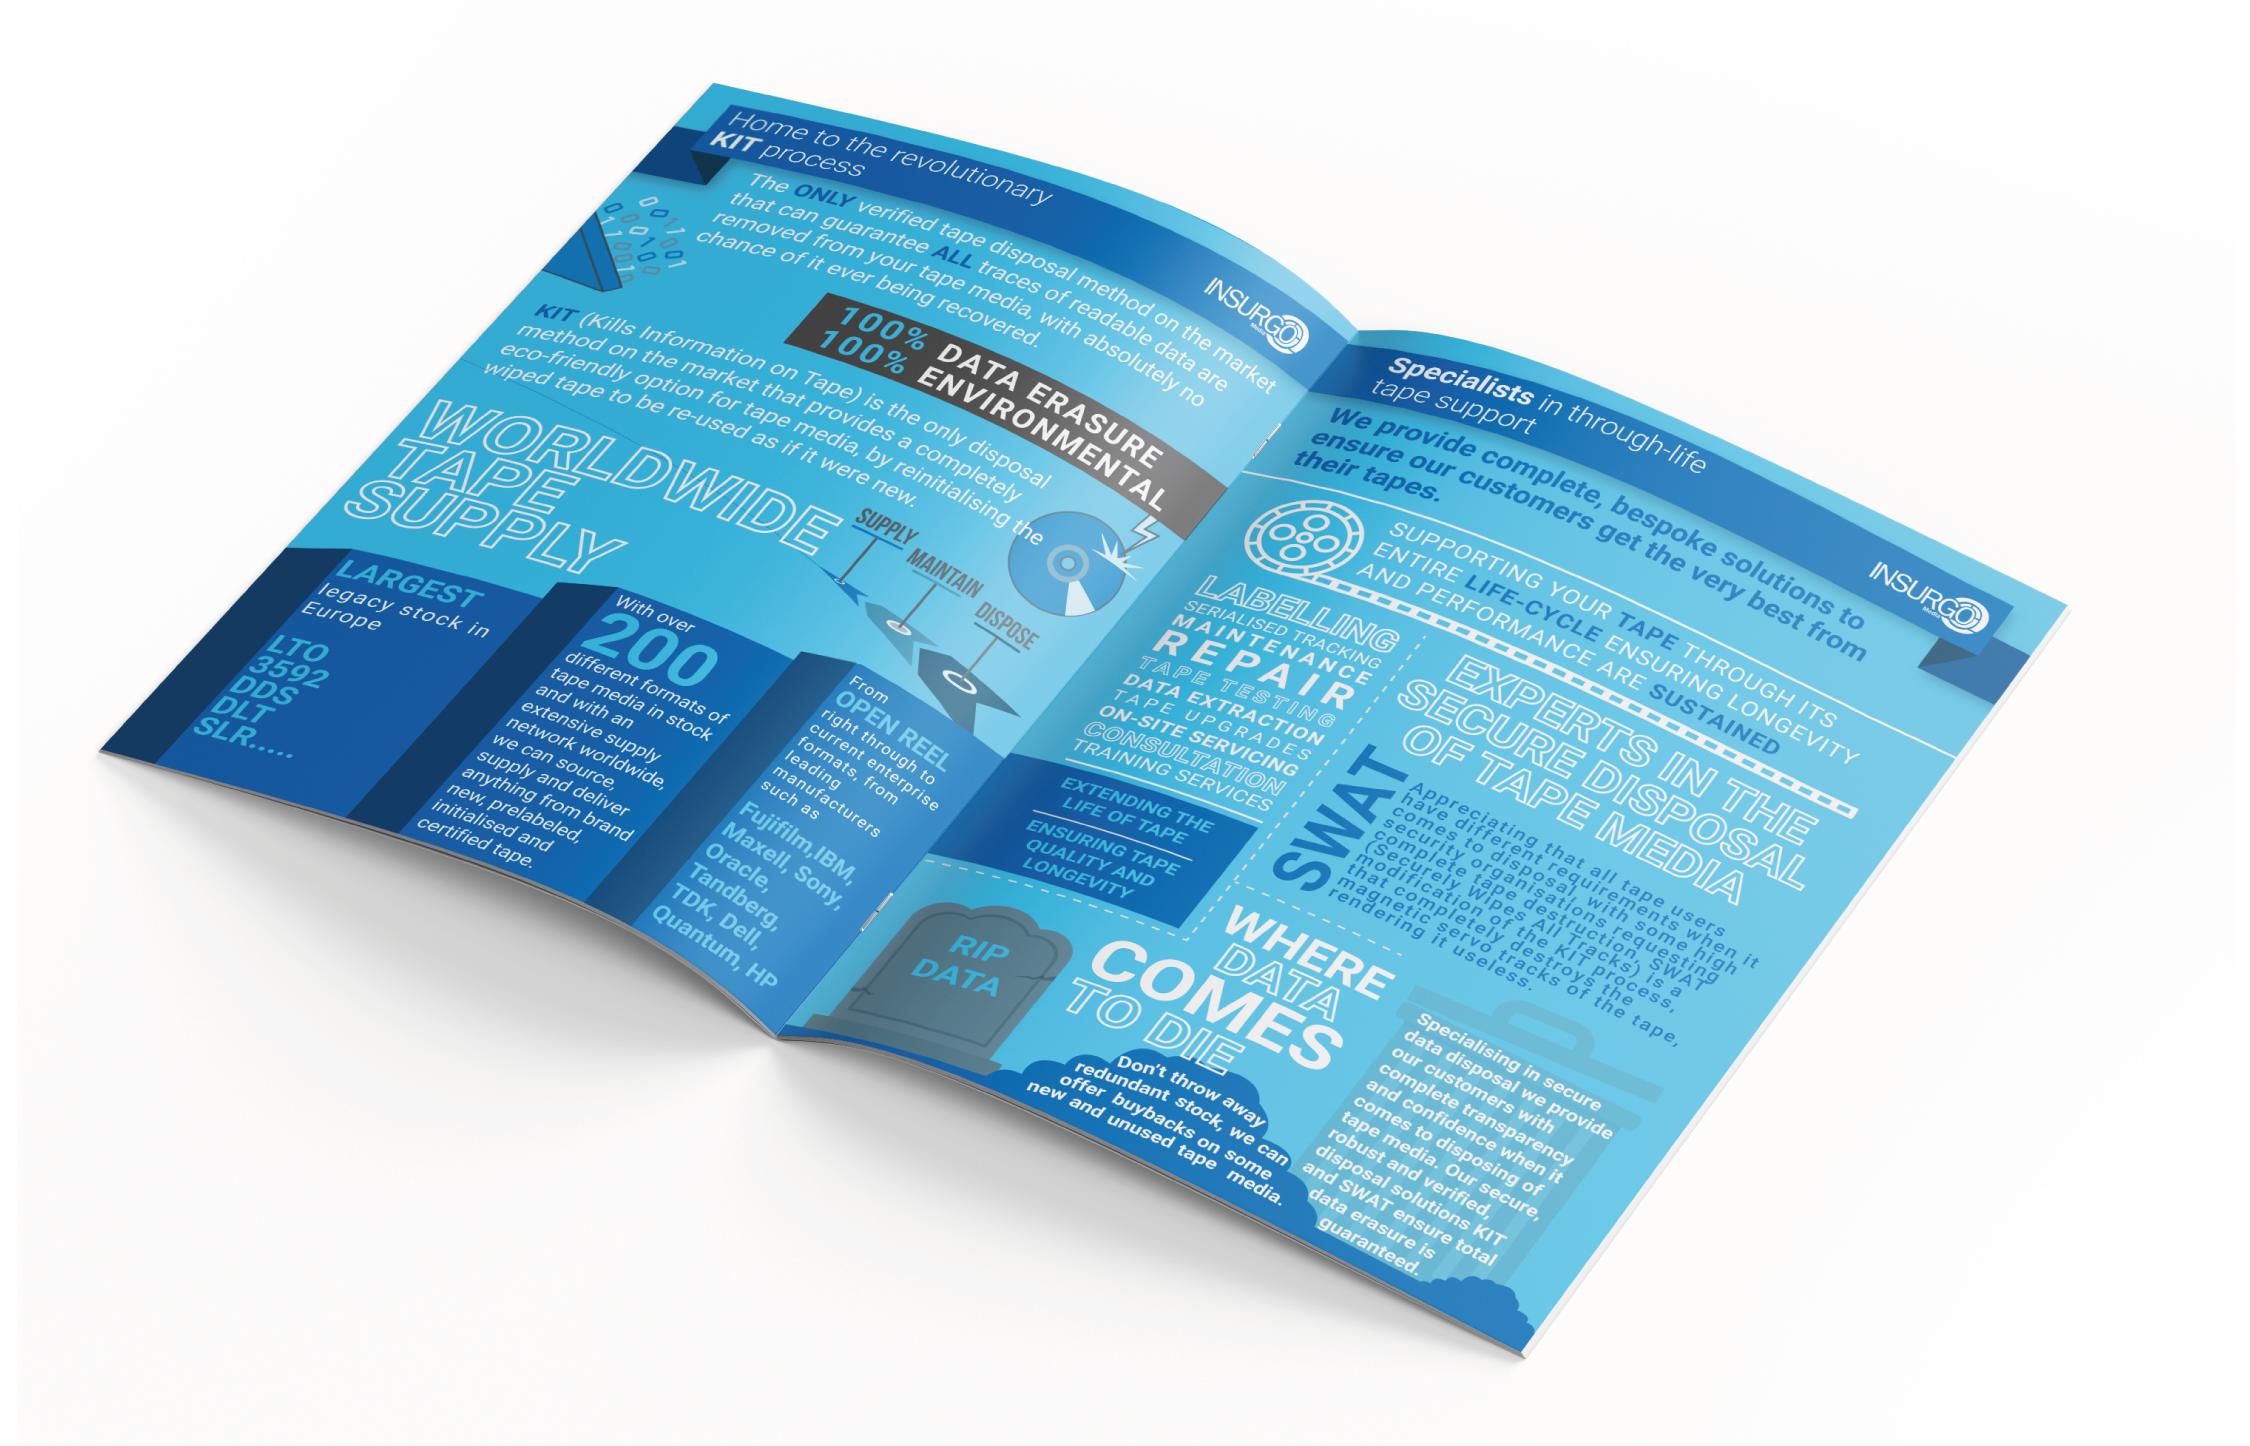 Infographic designed flyer for Insurgo Media